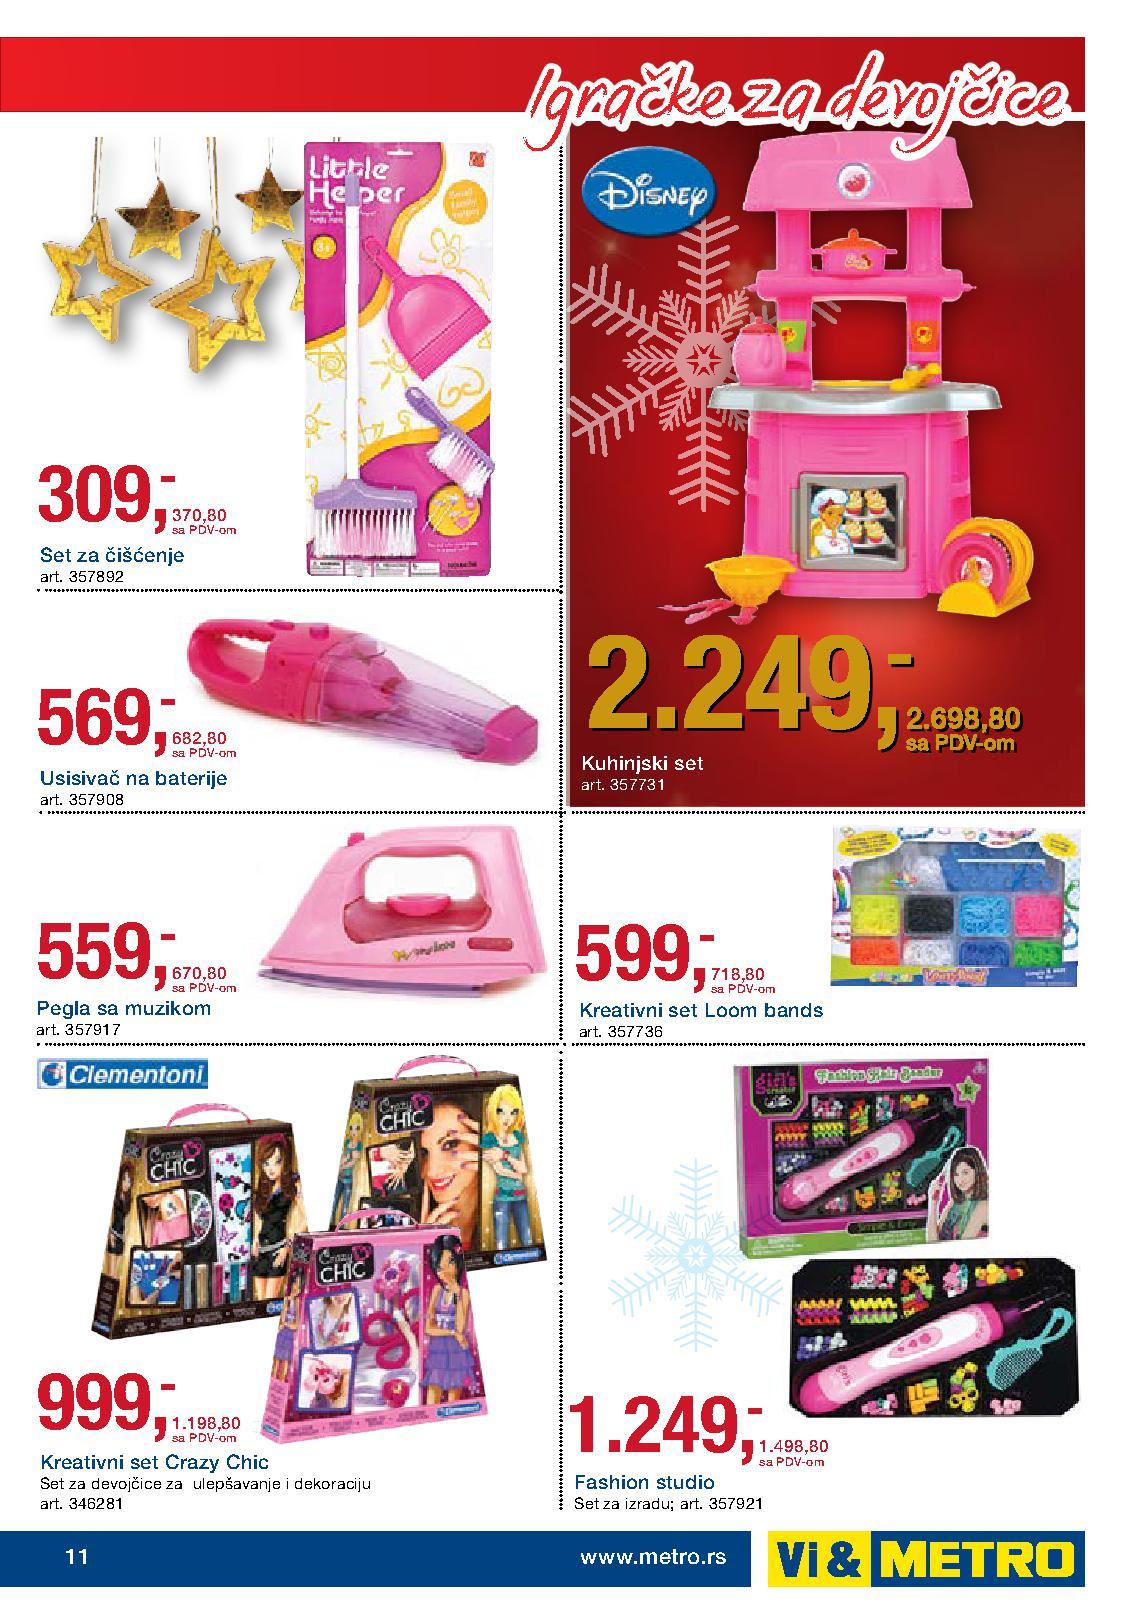 Metro akcija igračke za vaše mališane